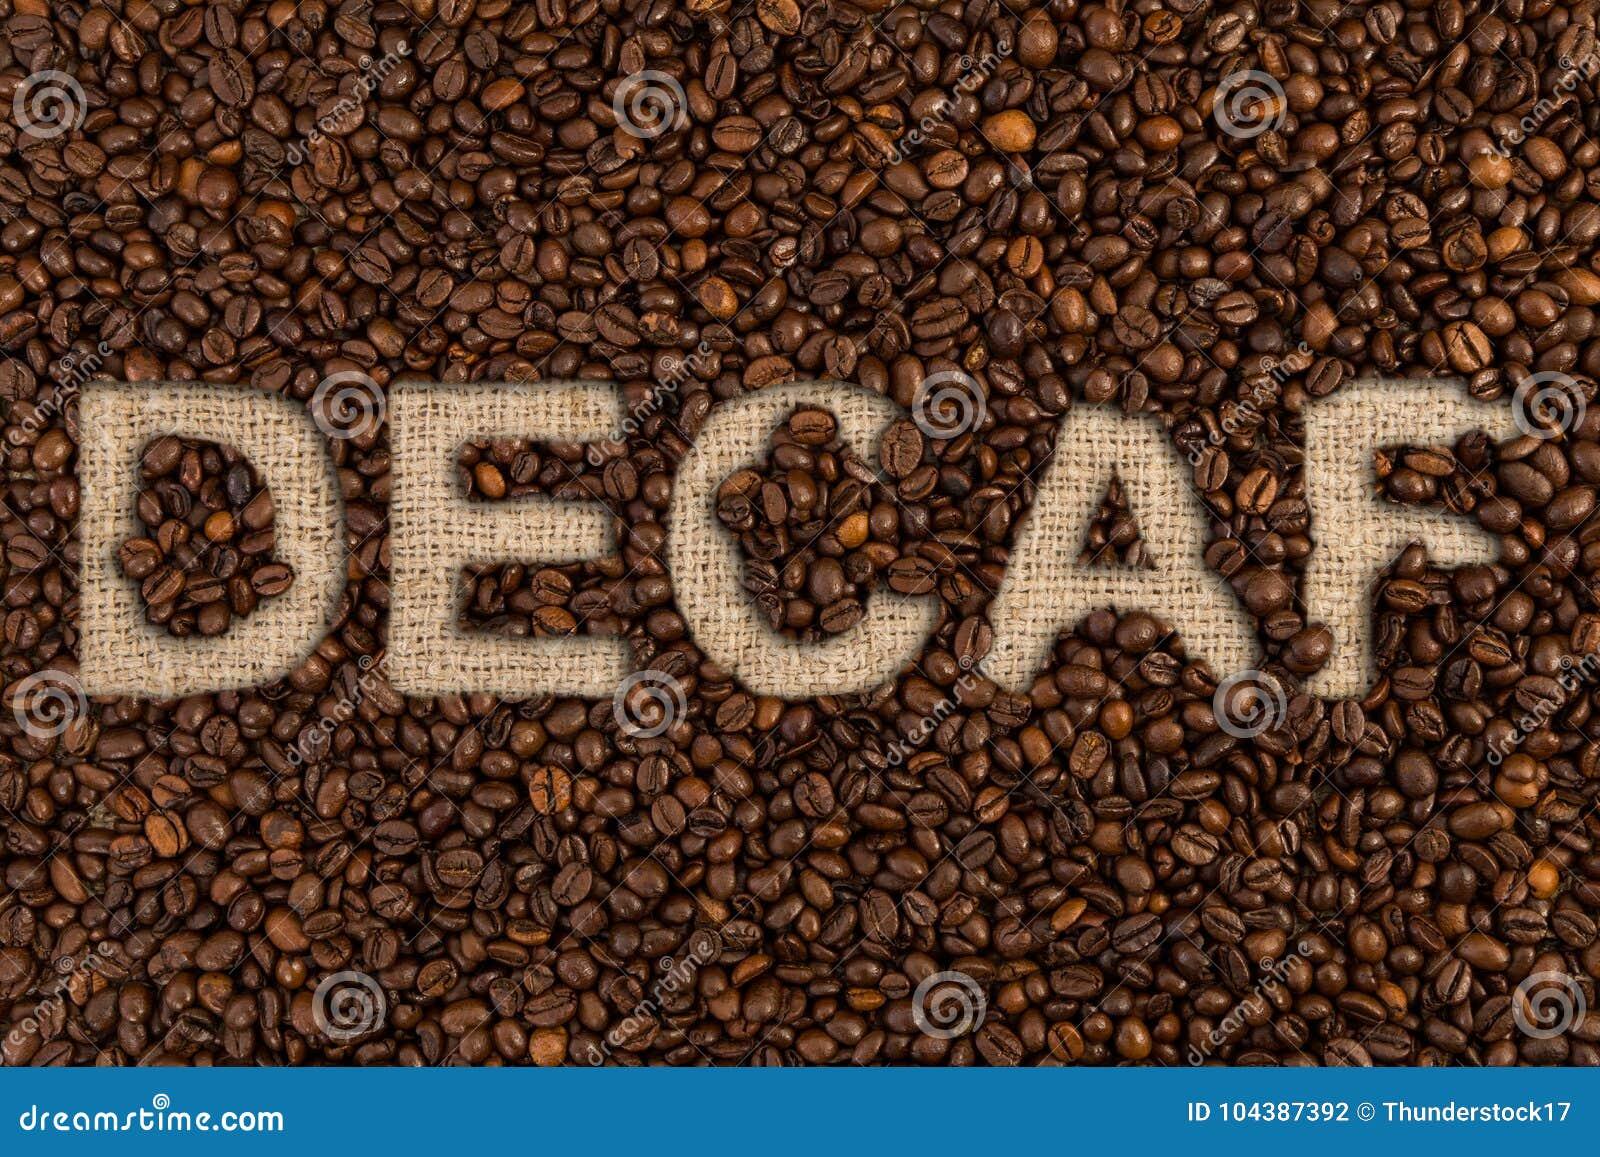 Έννοια Decaf που γράφεται στα φασόλια καφέ